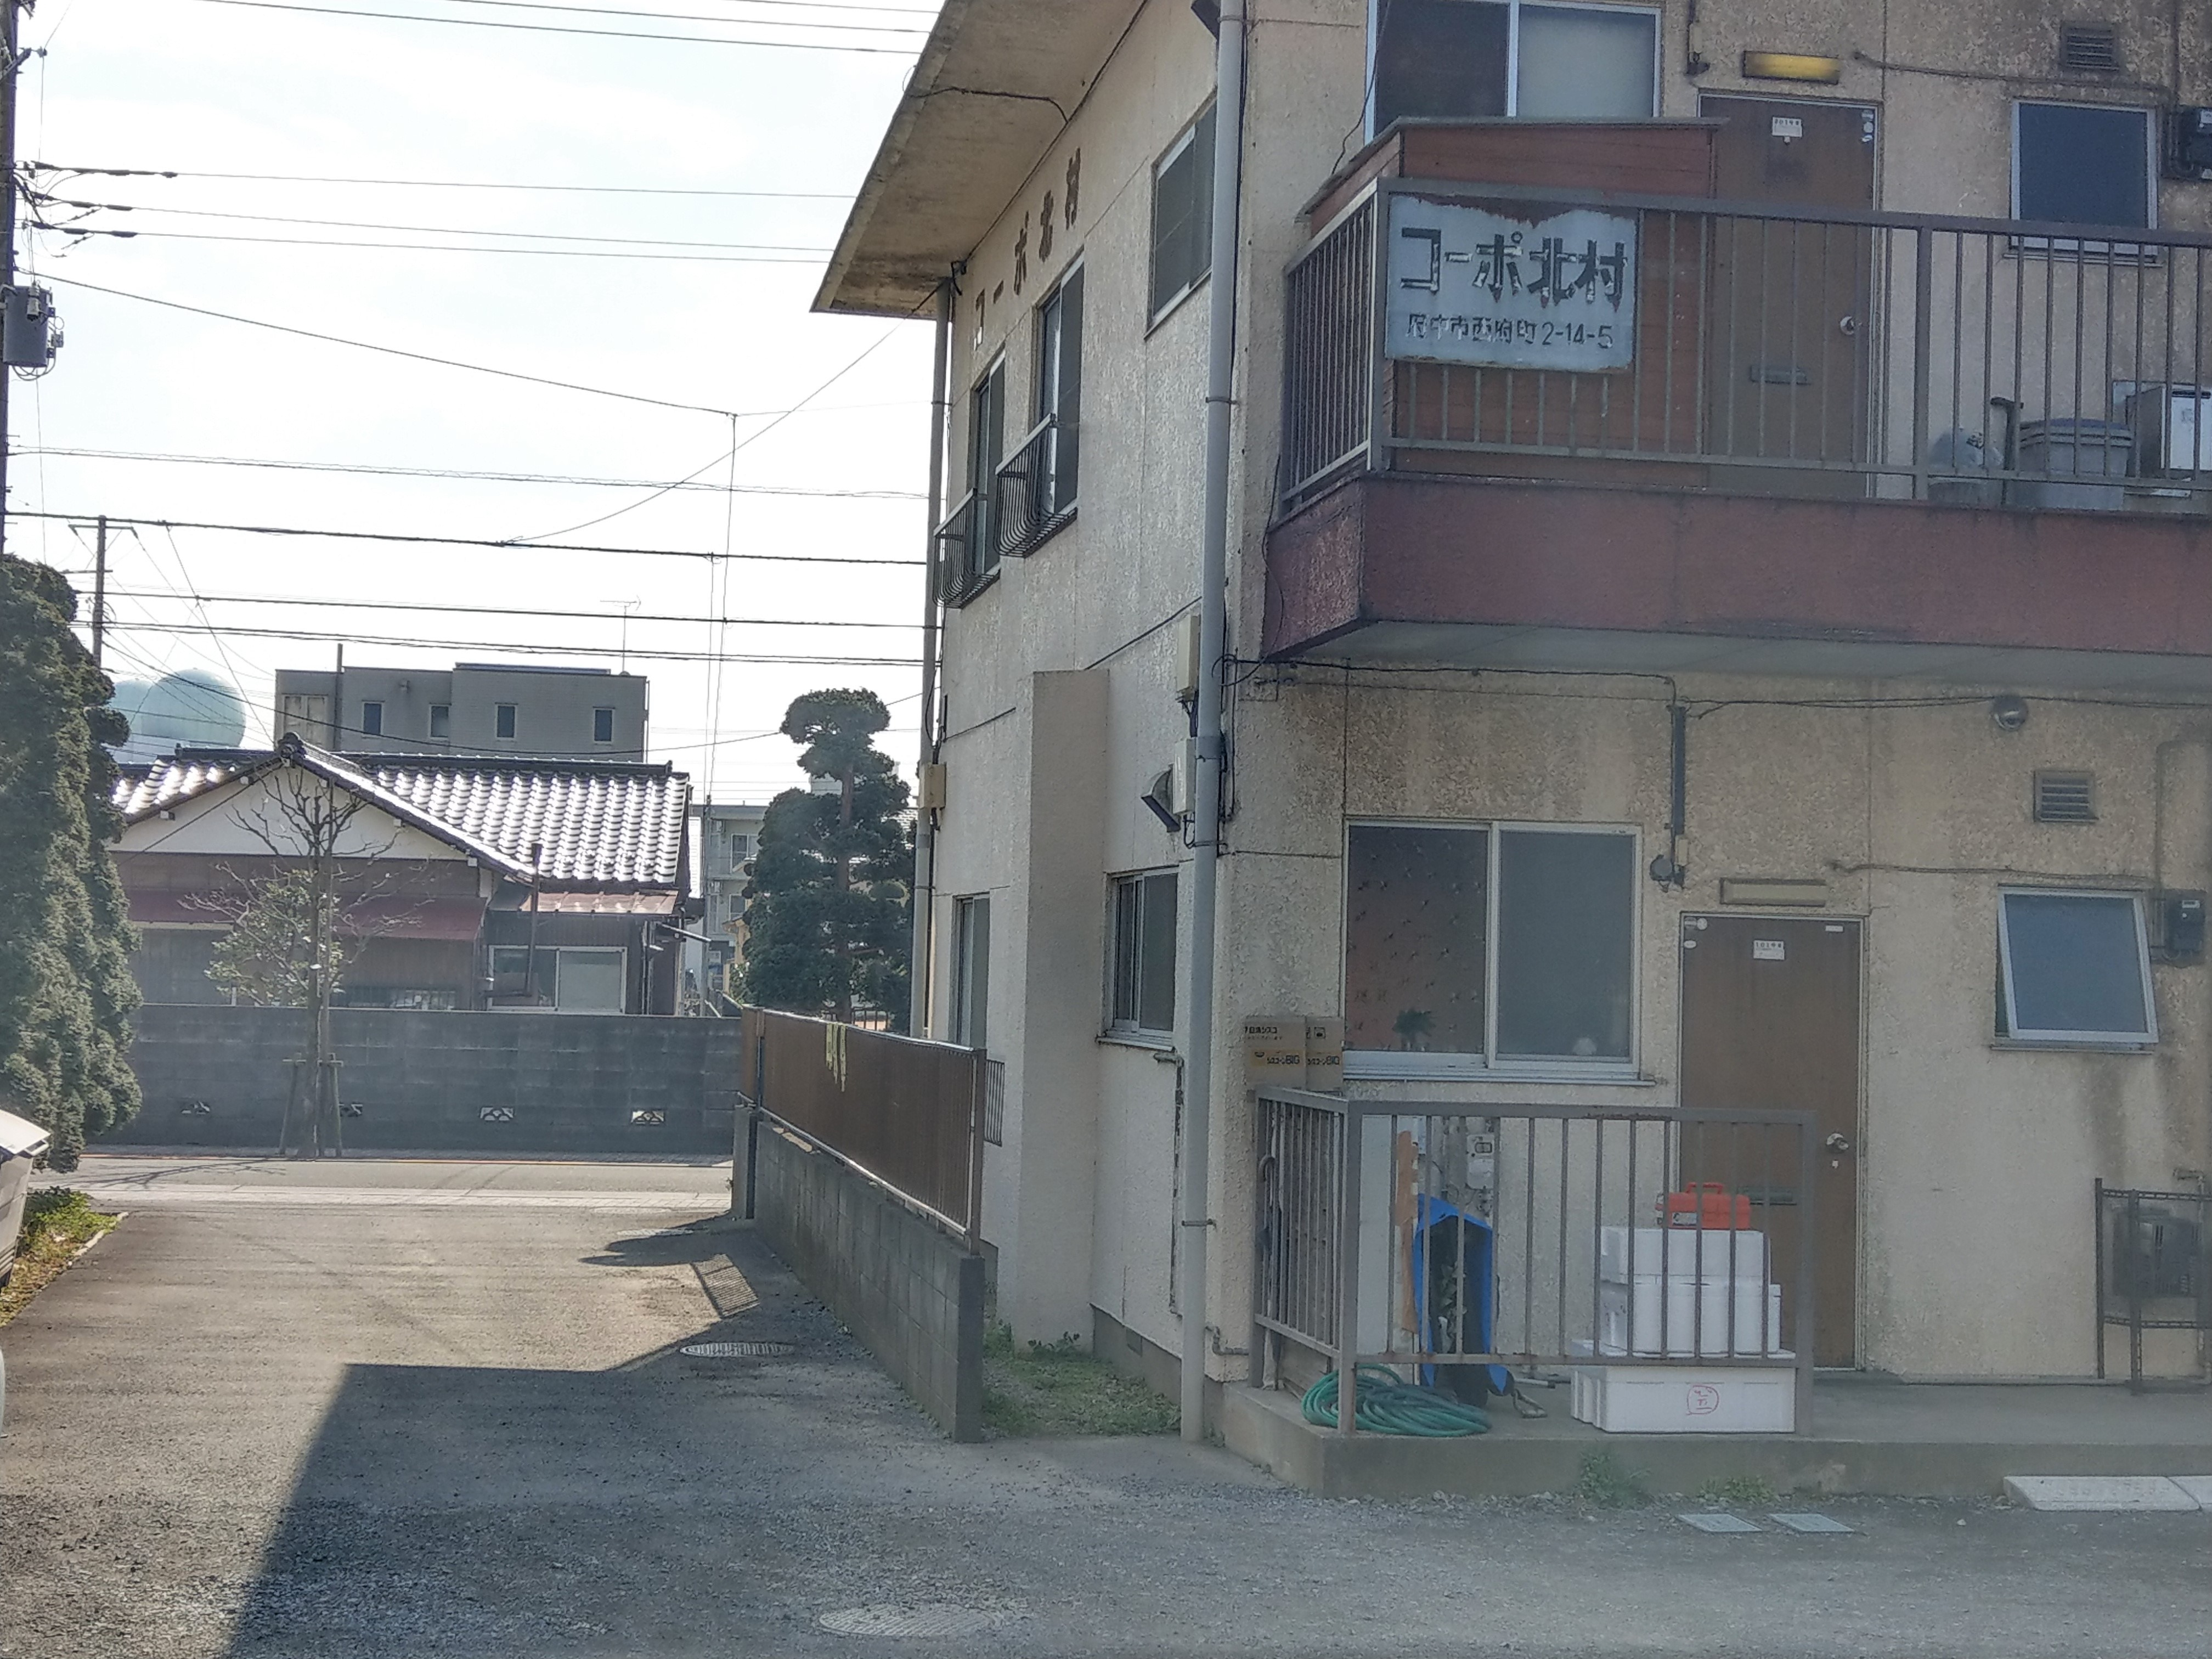 アパート 側道